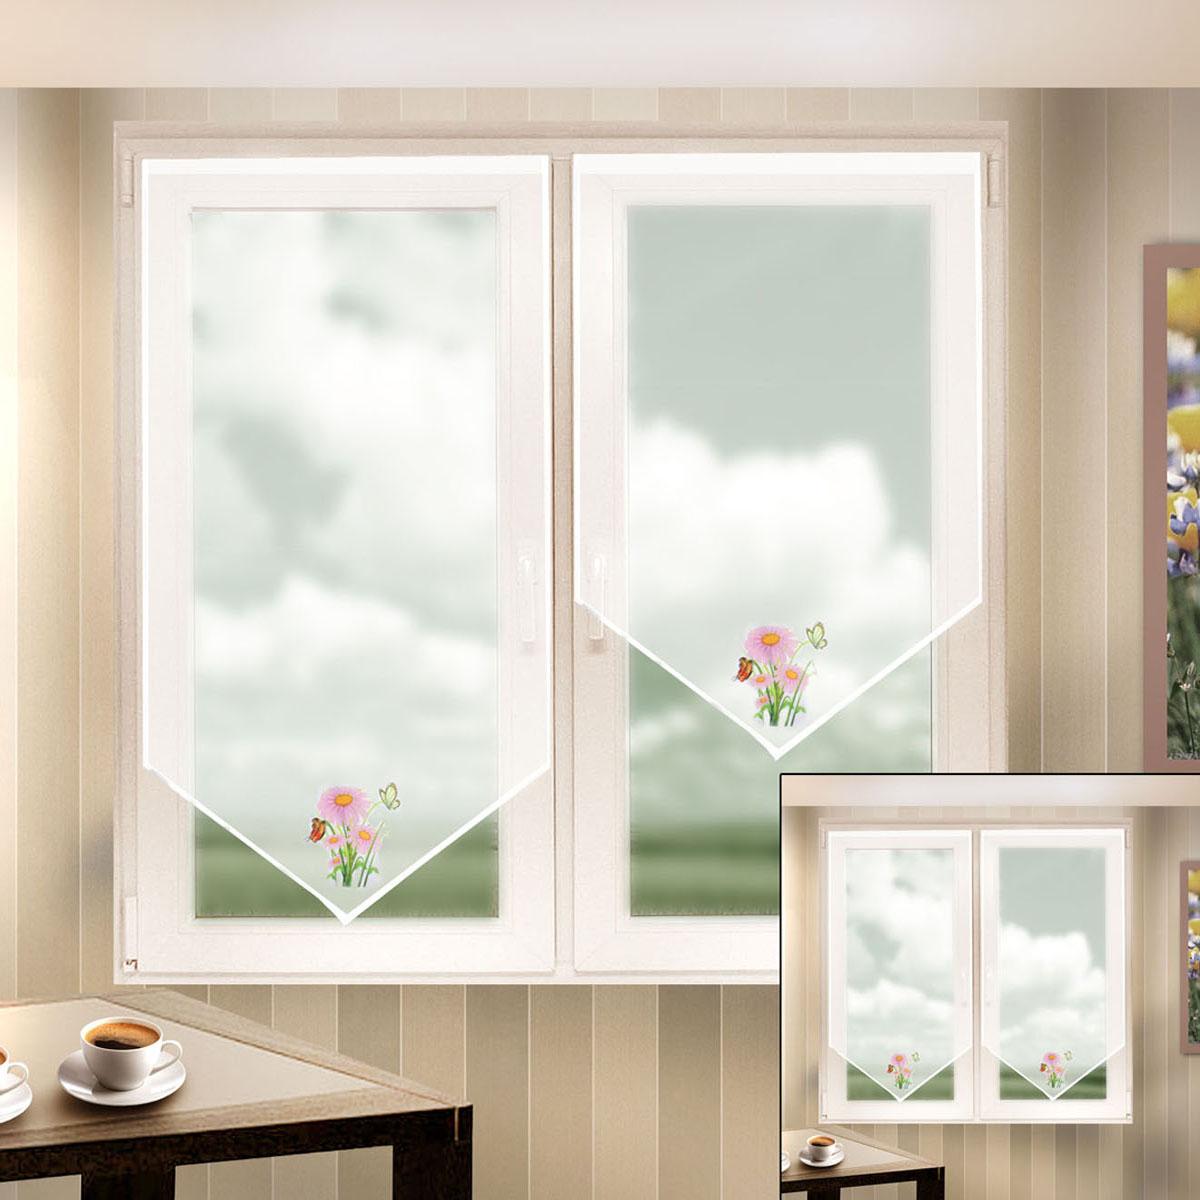 Гардина Zlata Korunka, на липкой ленте, цвет: белый, высота 140 см. 666049666049Гардина на липкой ленте Zlata Korunka, изготовленная из легкого полиэстера, станет великолепным украшением любого окна. Полотно из белой вуали с печатным рисунком привлечет к себе внимание и органично впишется в интерьер комнаты. Крепление на липкой ленте, не требующее сверления стен и карниза. Многоразовое и мгновенное крепление.